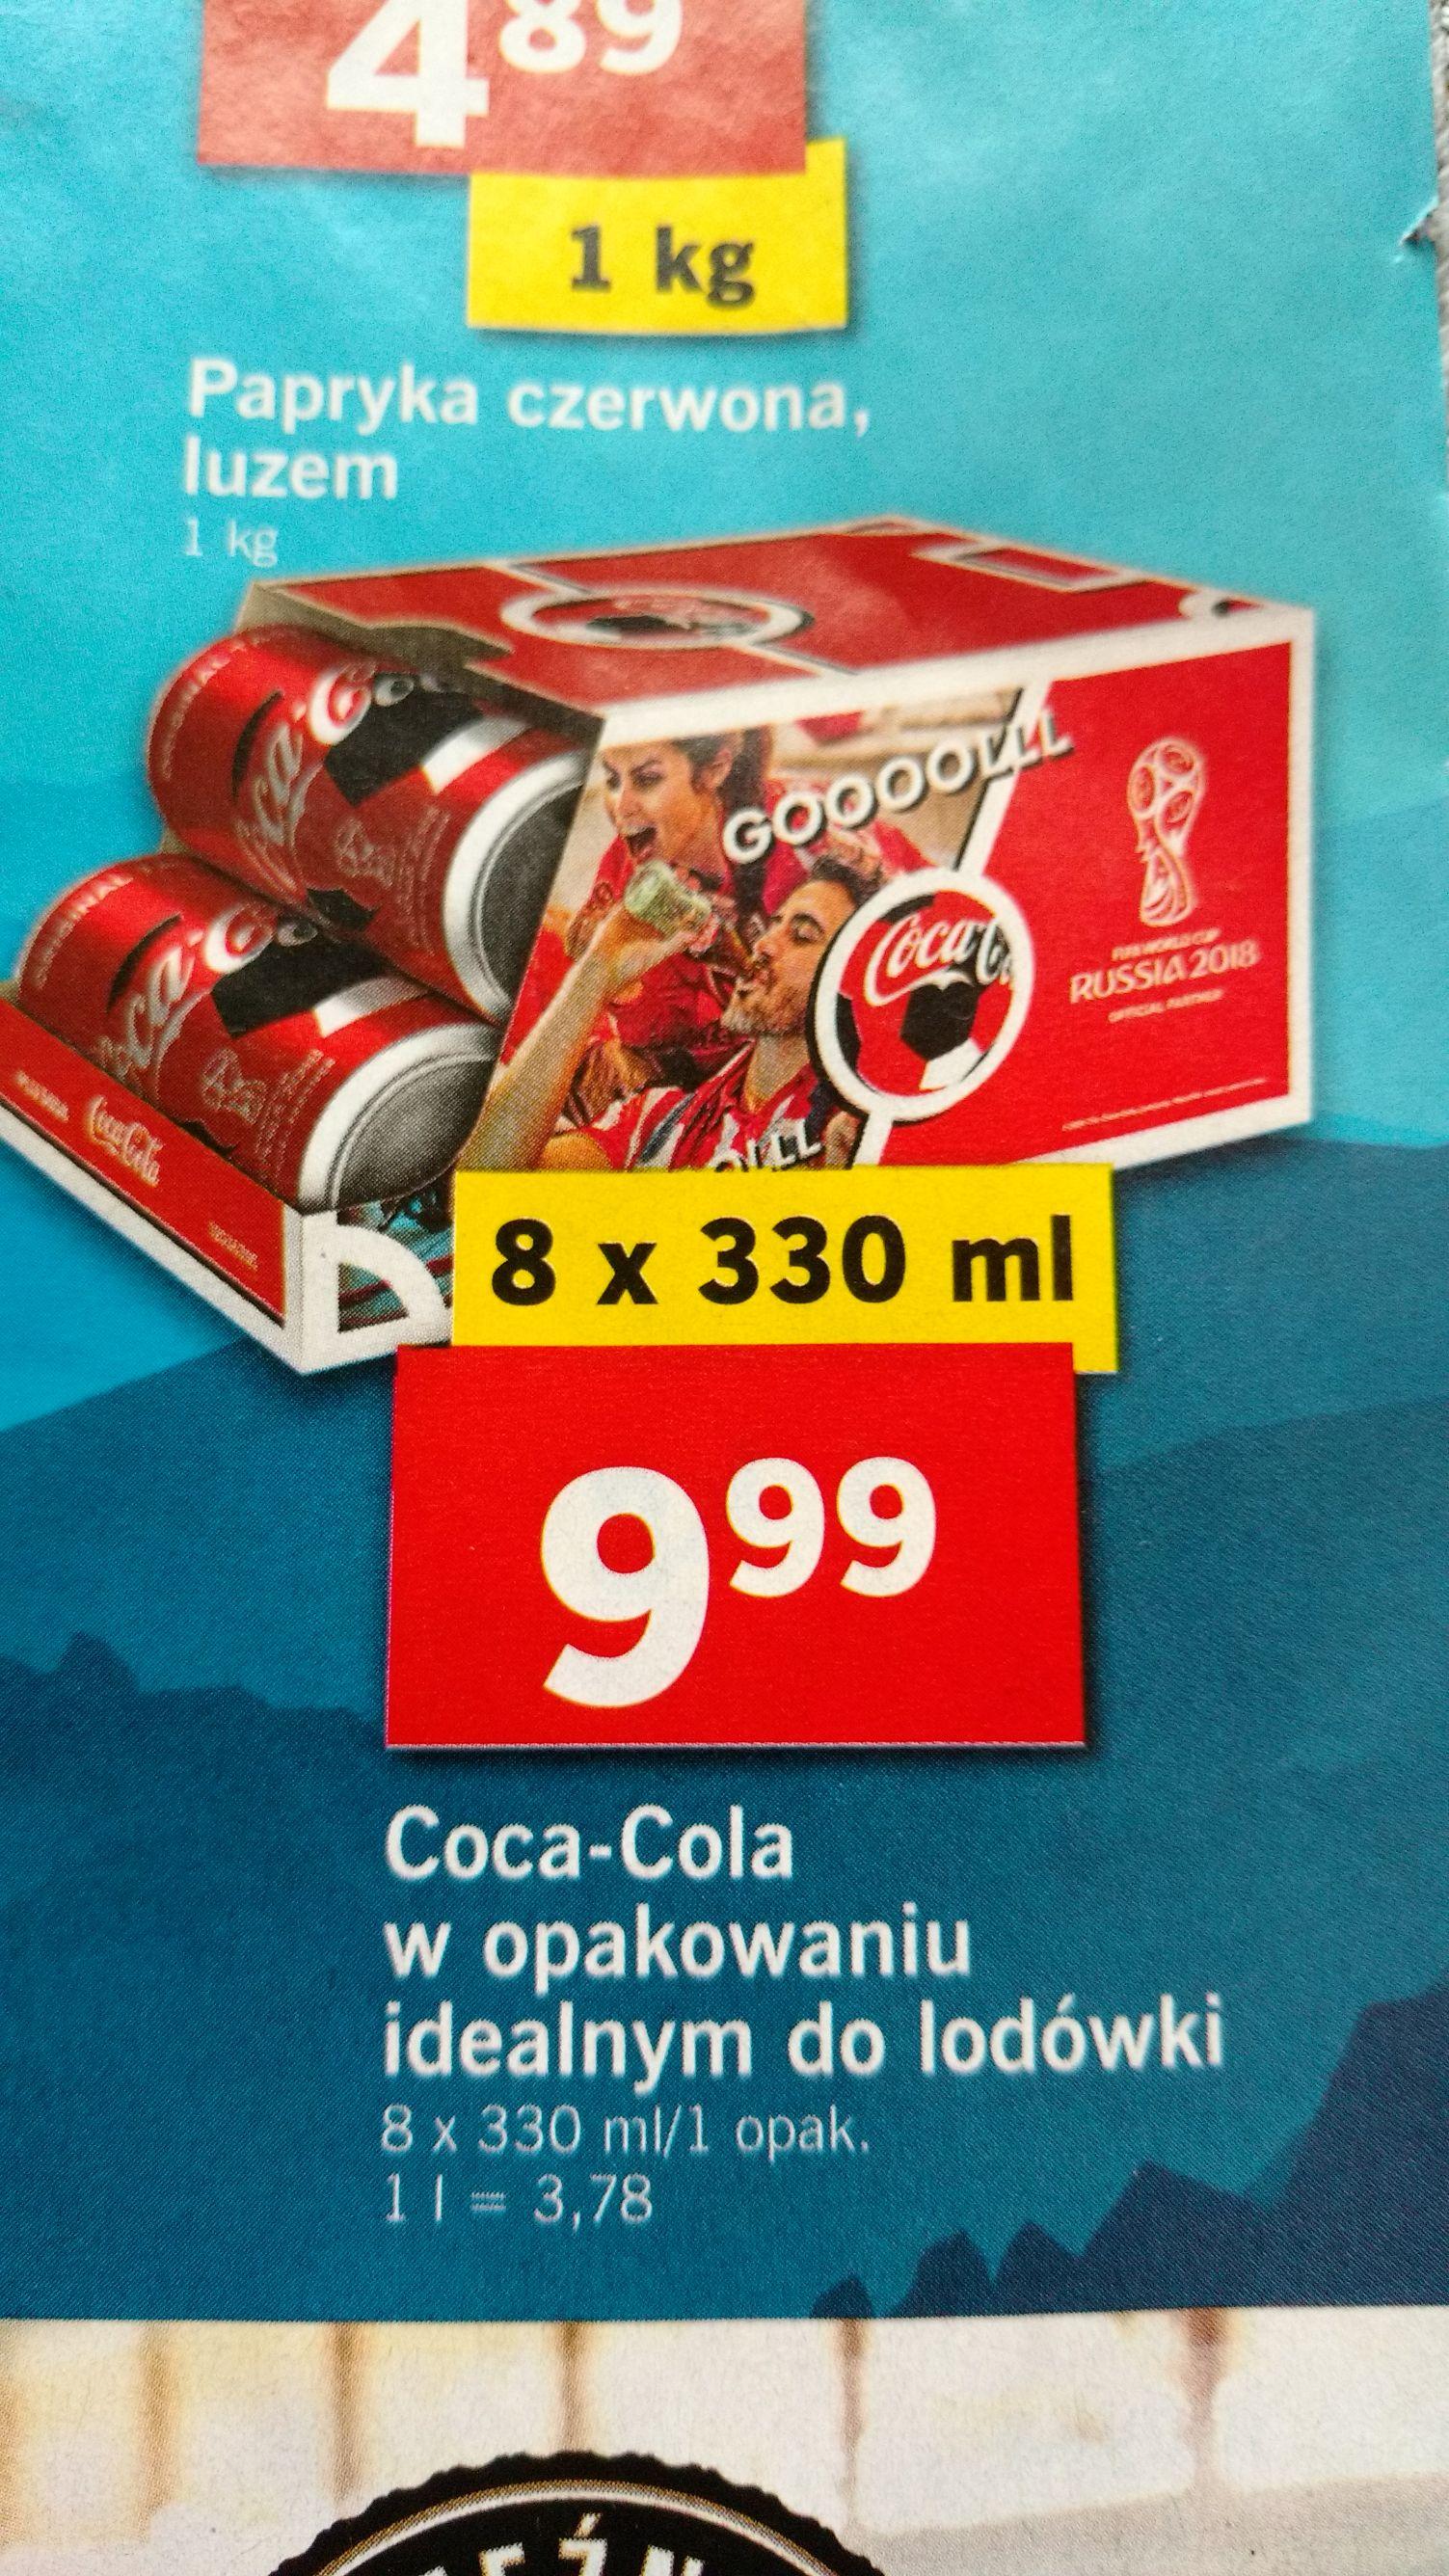 8 puszek Coca-Coli za 9,99 w Lidlu